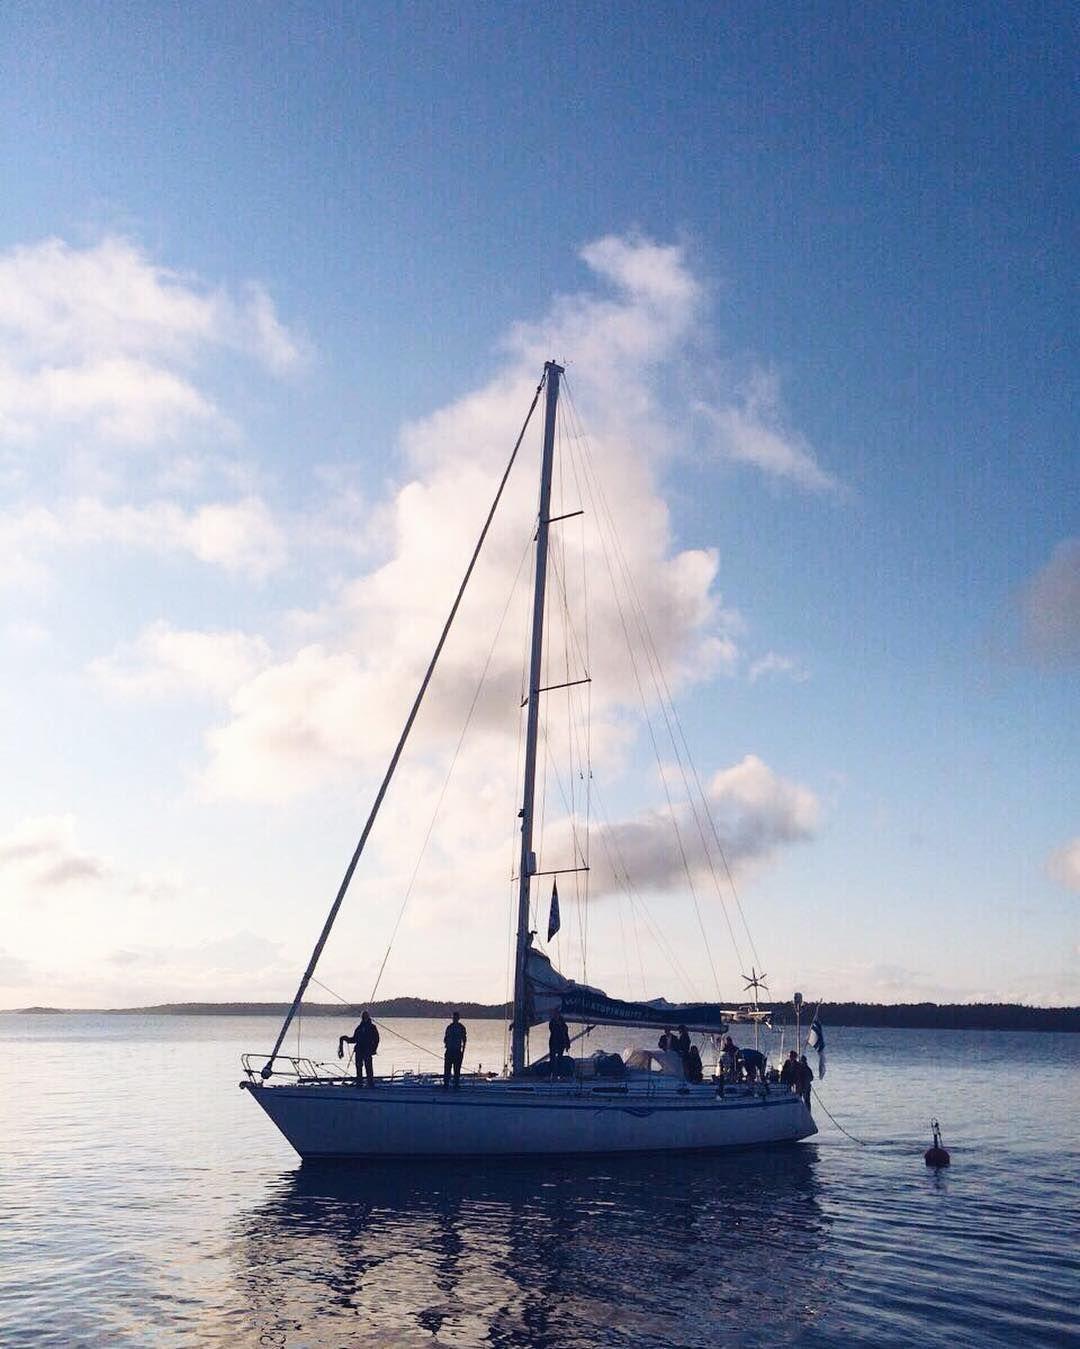 Ihan kohta päästään taas nauttiin saariston herkuista  #archipelago #tuomistonkenneli #tb #nagu #sailboat #kyytimintti by lauraleonne